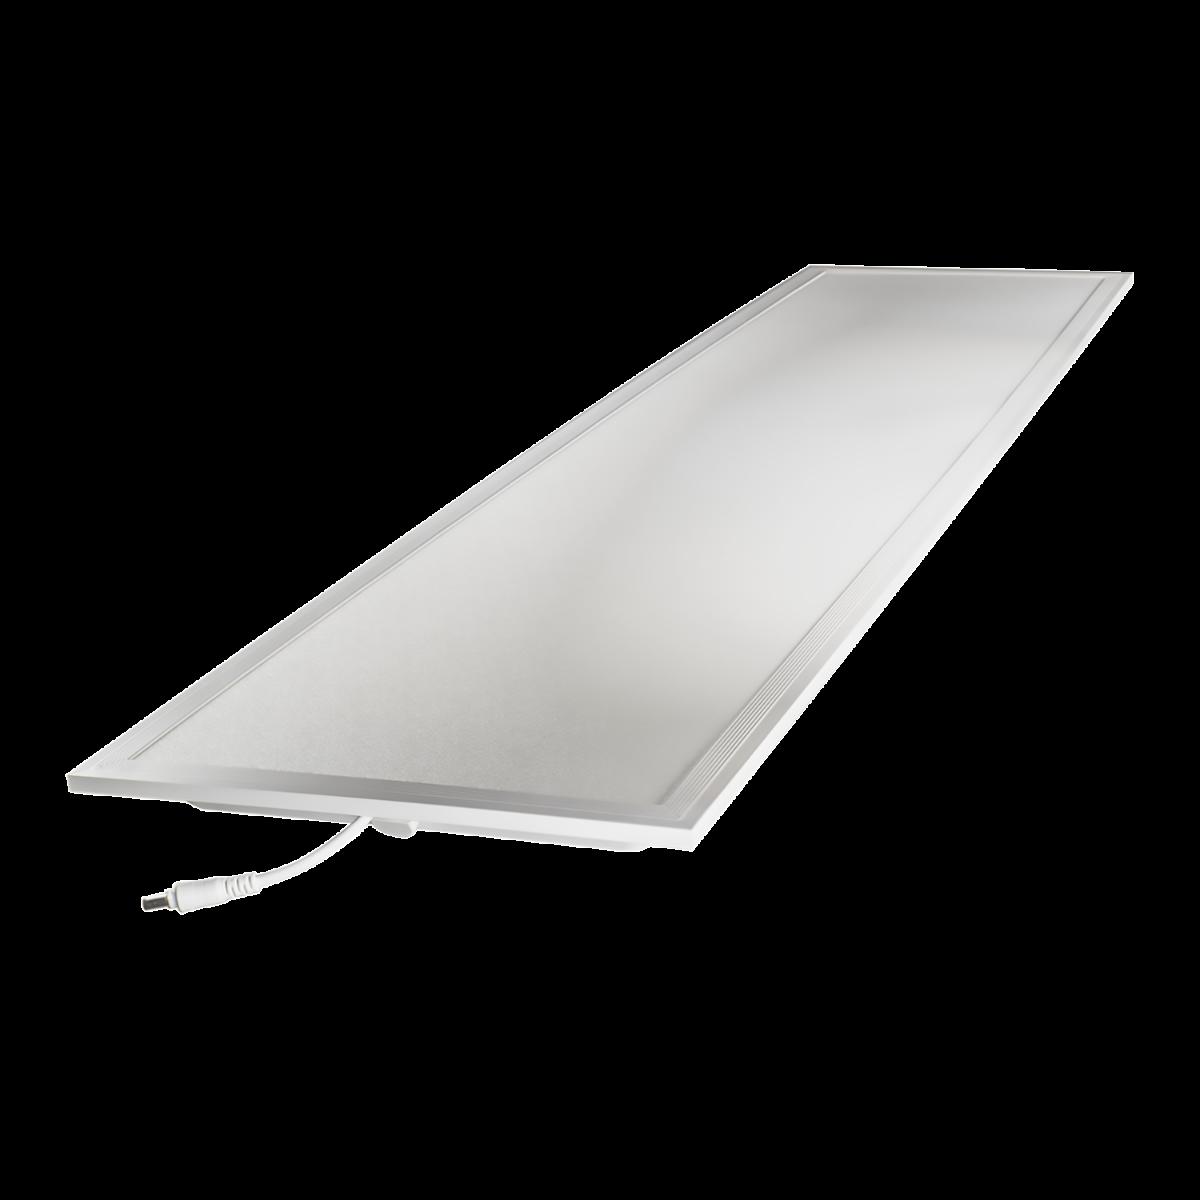 Noxion LED Panel Delta Pro Highlum V2.0 40W 30x120cm 4000K 5480lm UGR <19   Kaltweiß - Ersatz für 2x36W